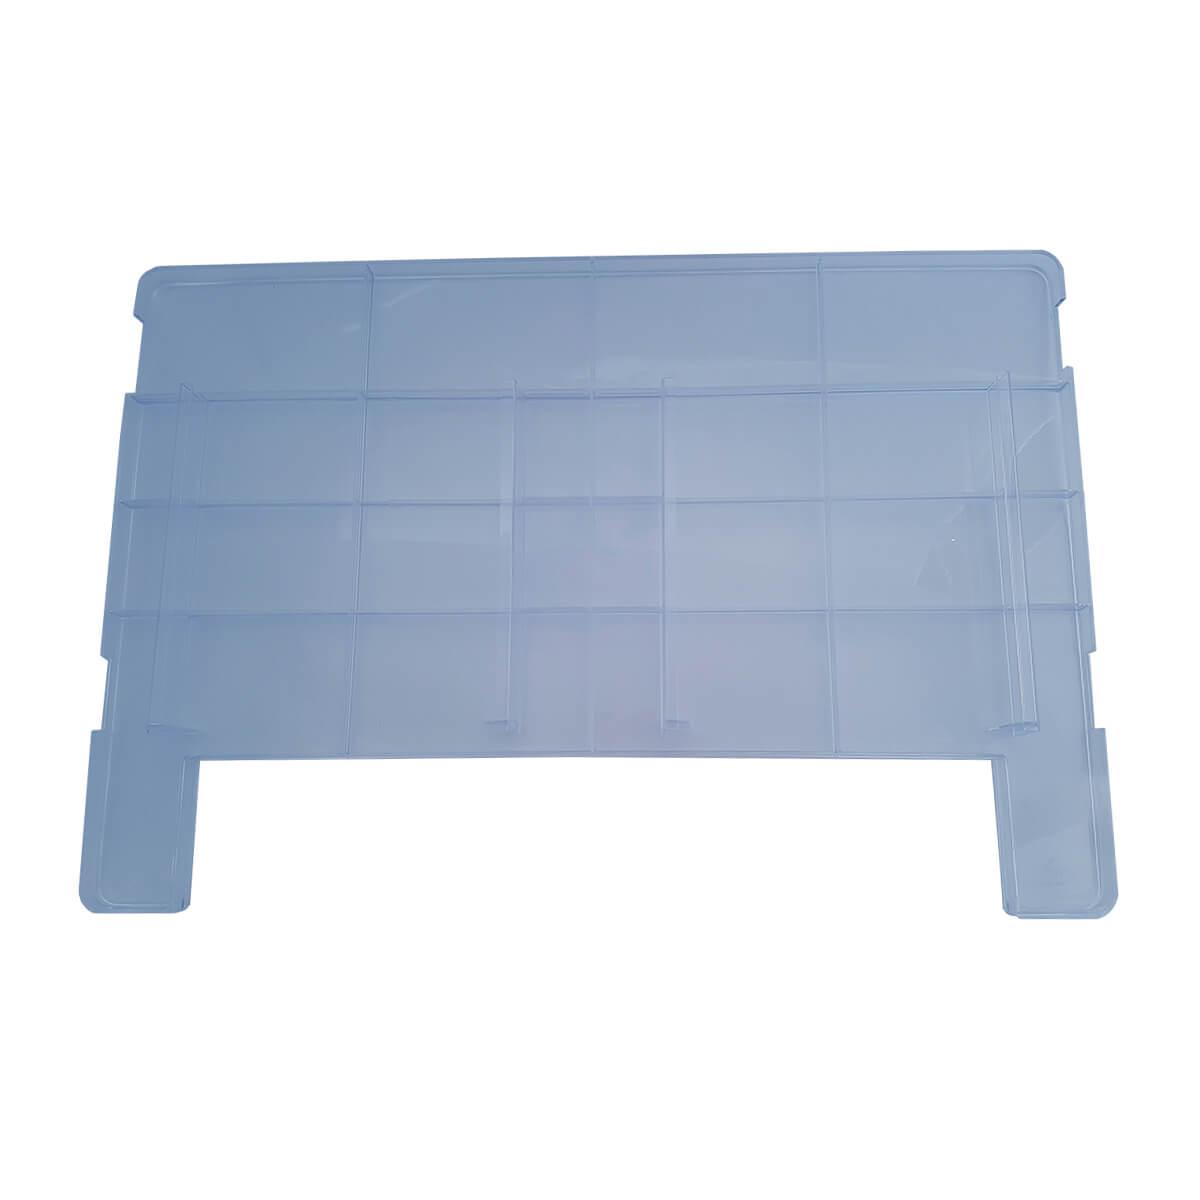 Prateleira Congelador Refrigerado Electrolux - 80000435